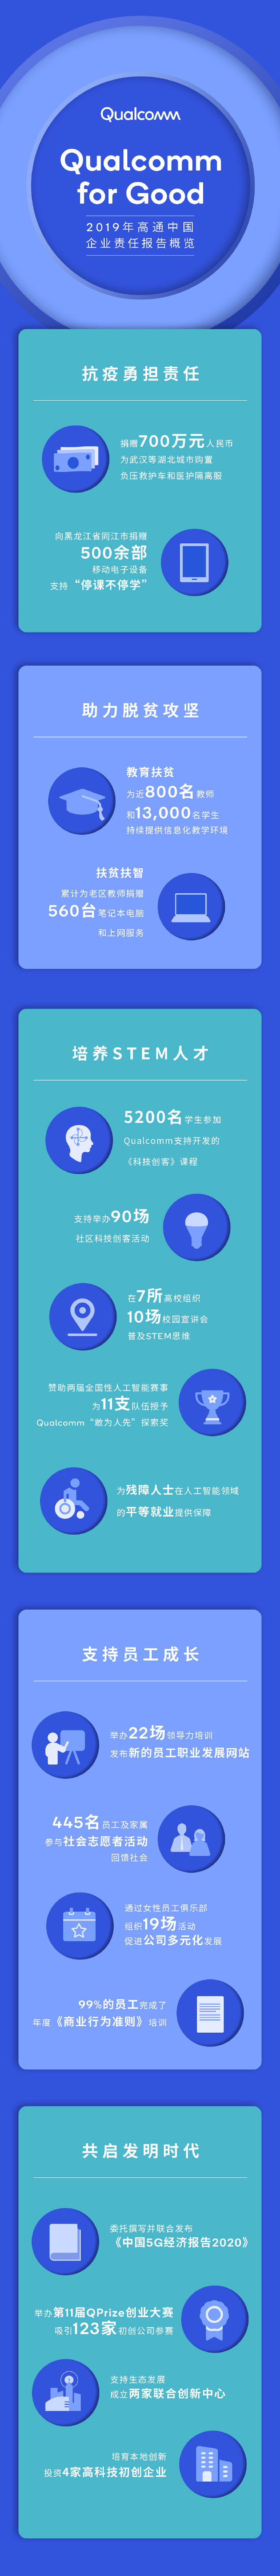 高通发布《2019 Qualcomm中国企业责任报告》-玩懂手机网 - 玩懂手机第一手的手机资讯网(www.wdshouji.com)